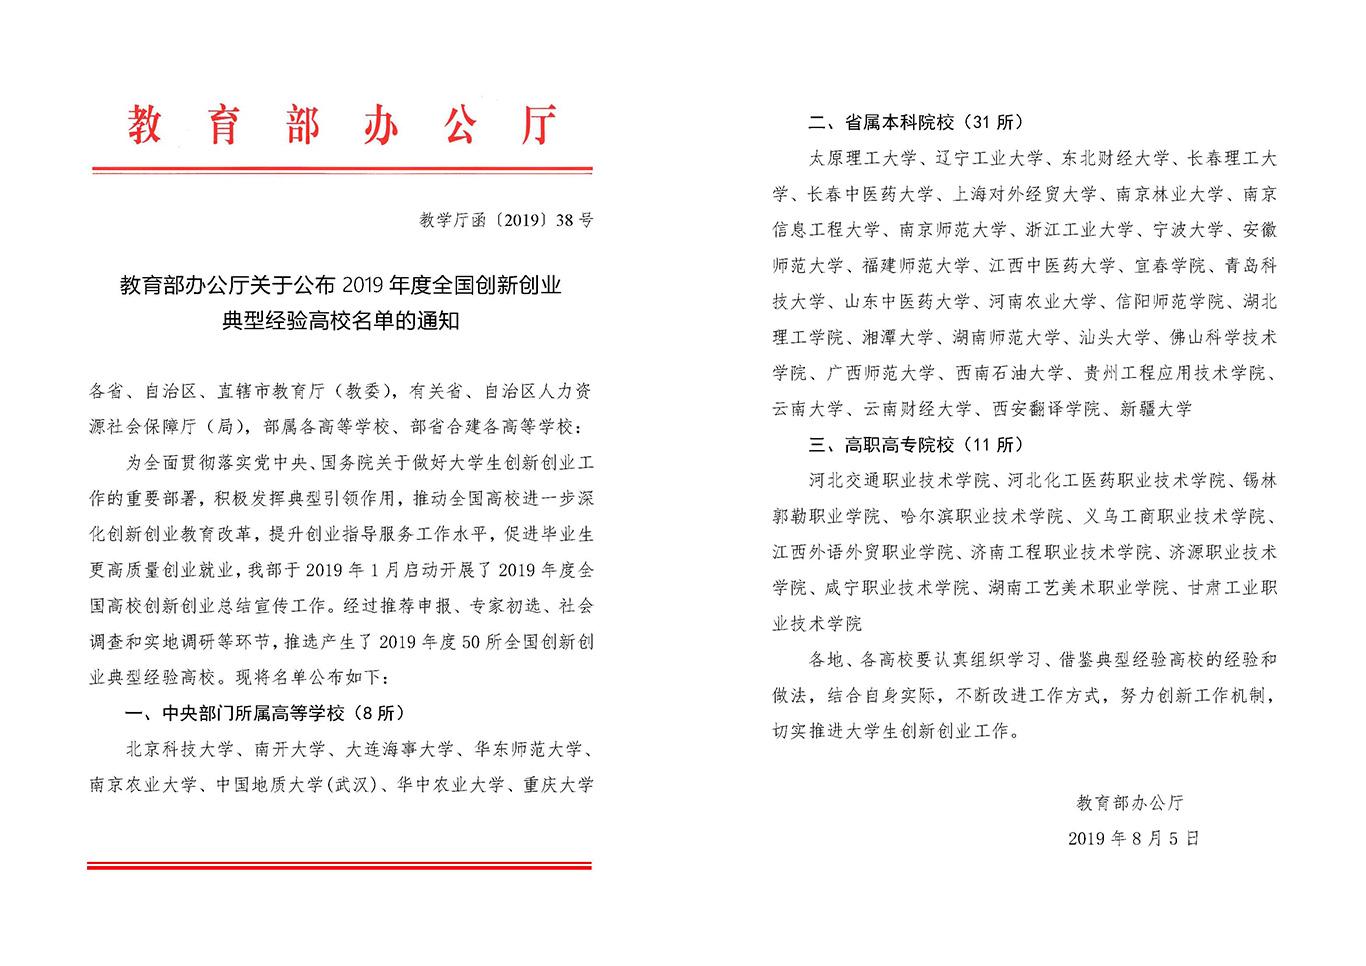 """我校荣获""""2019年度全国创新创业典型经验高校""""称号"""